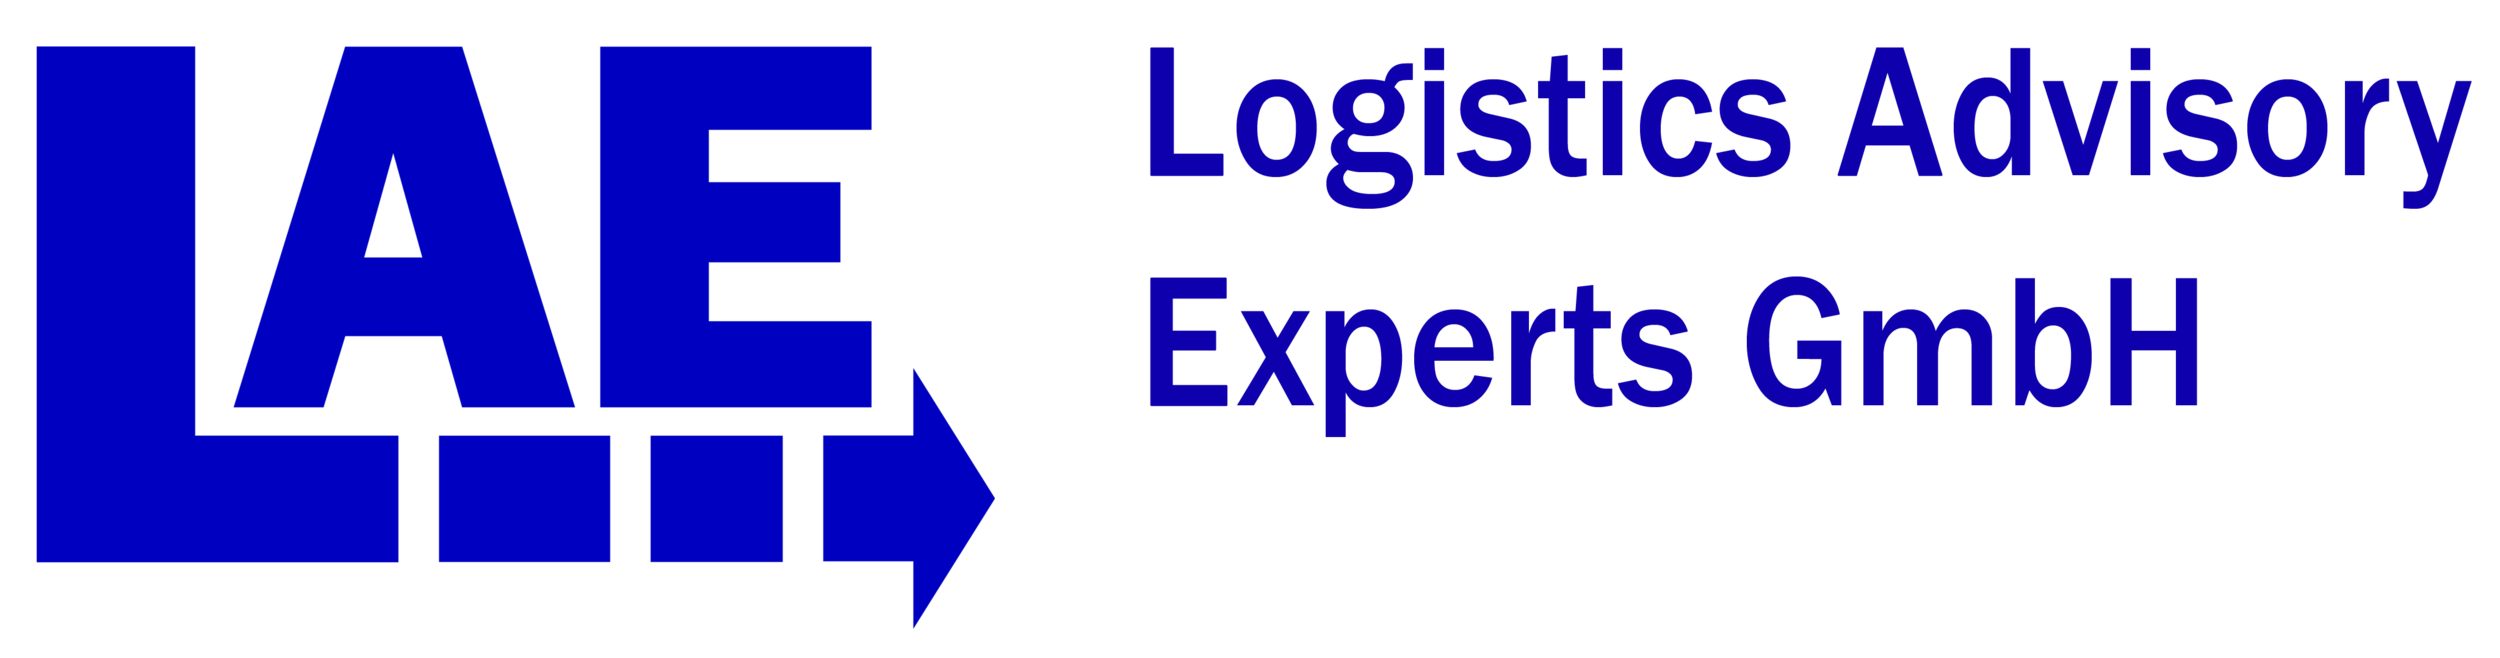 LAE Logo.png